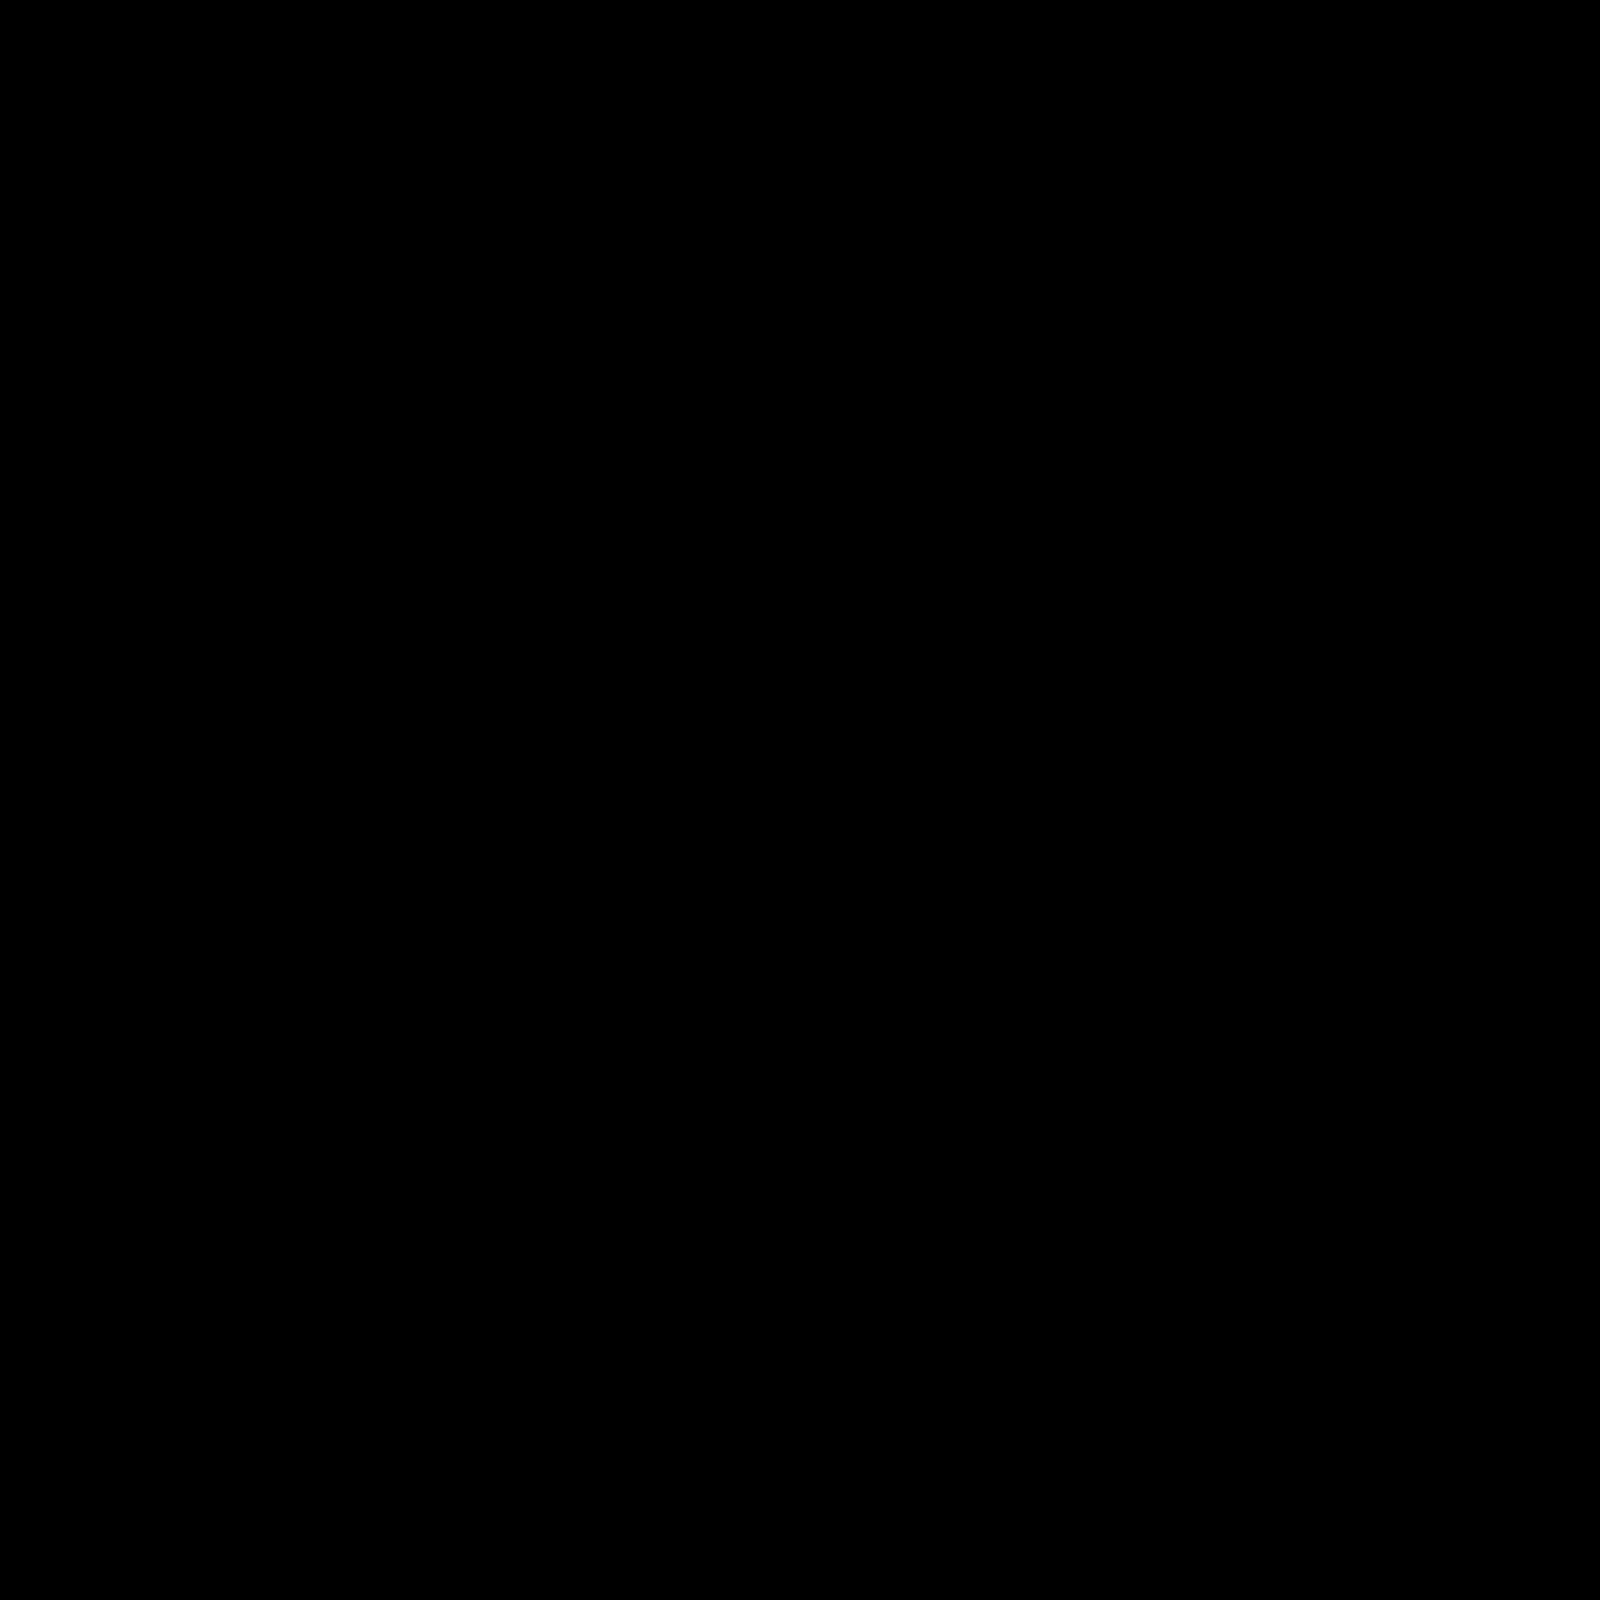 Горячий шоколад icon